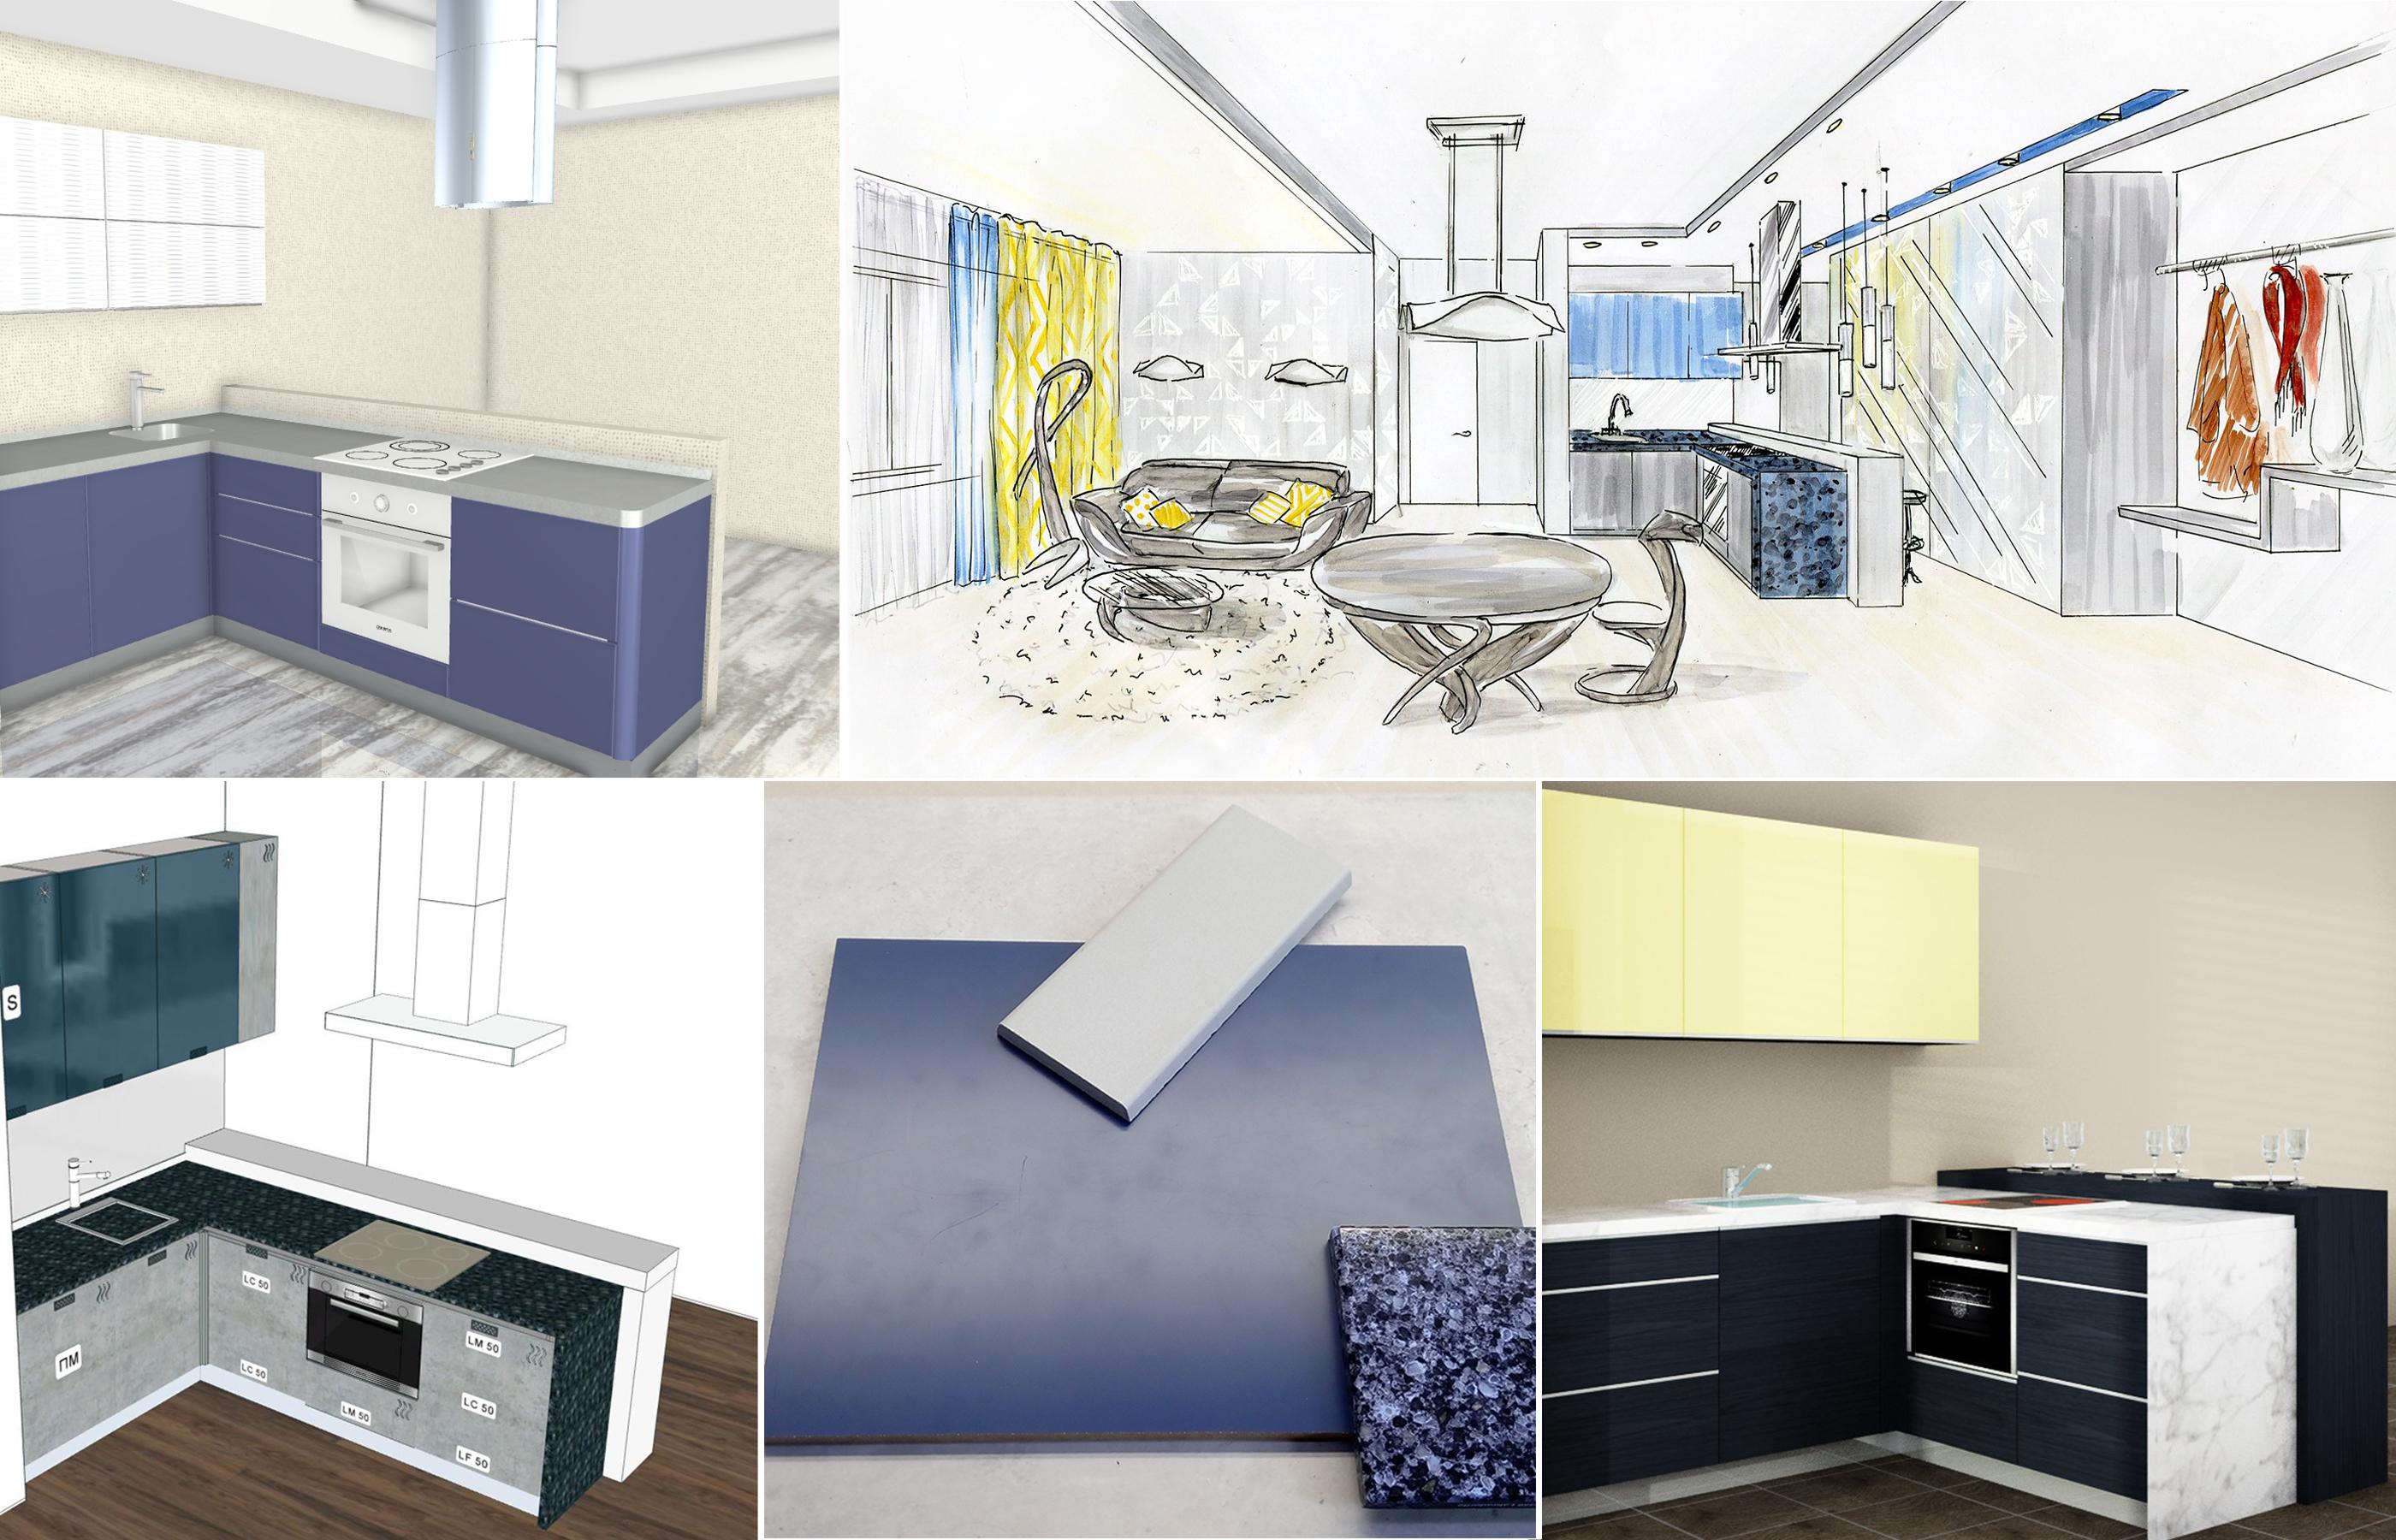 Подбор материалов для кухонной мебели